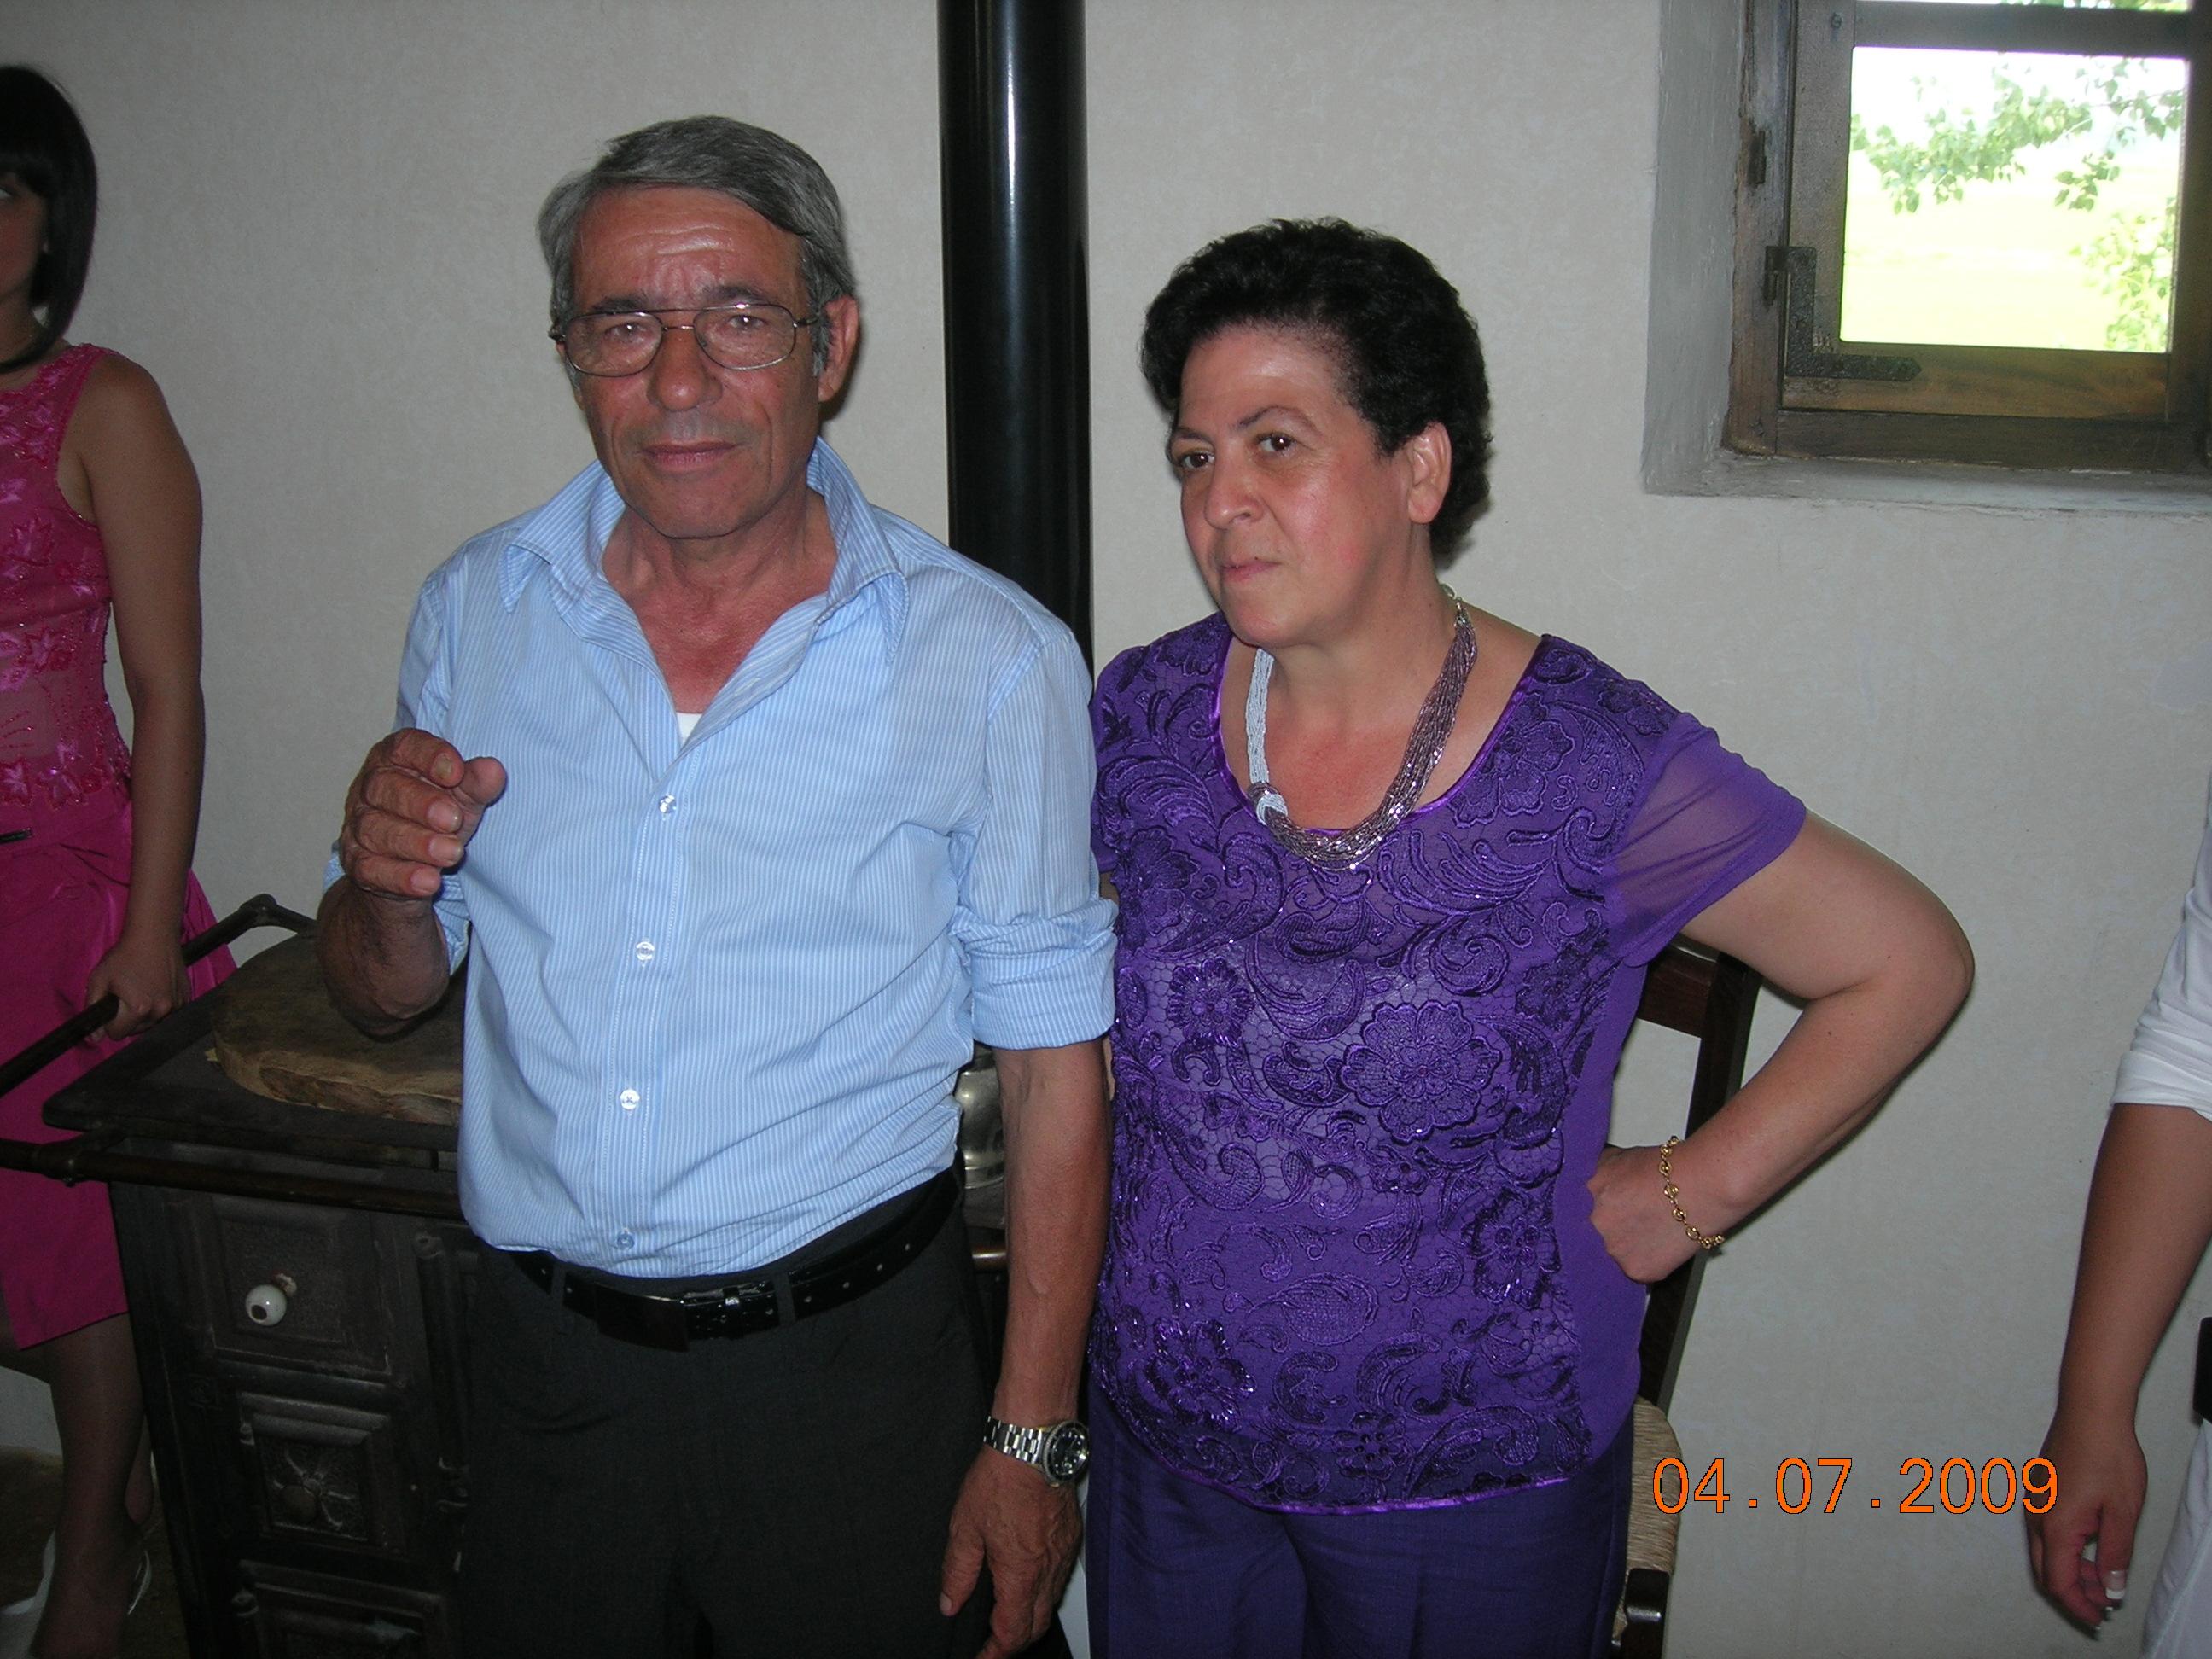 Oscar e Emanuela 04.07.2009 - 113.JPG